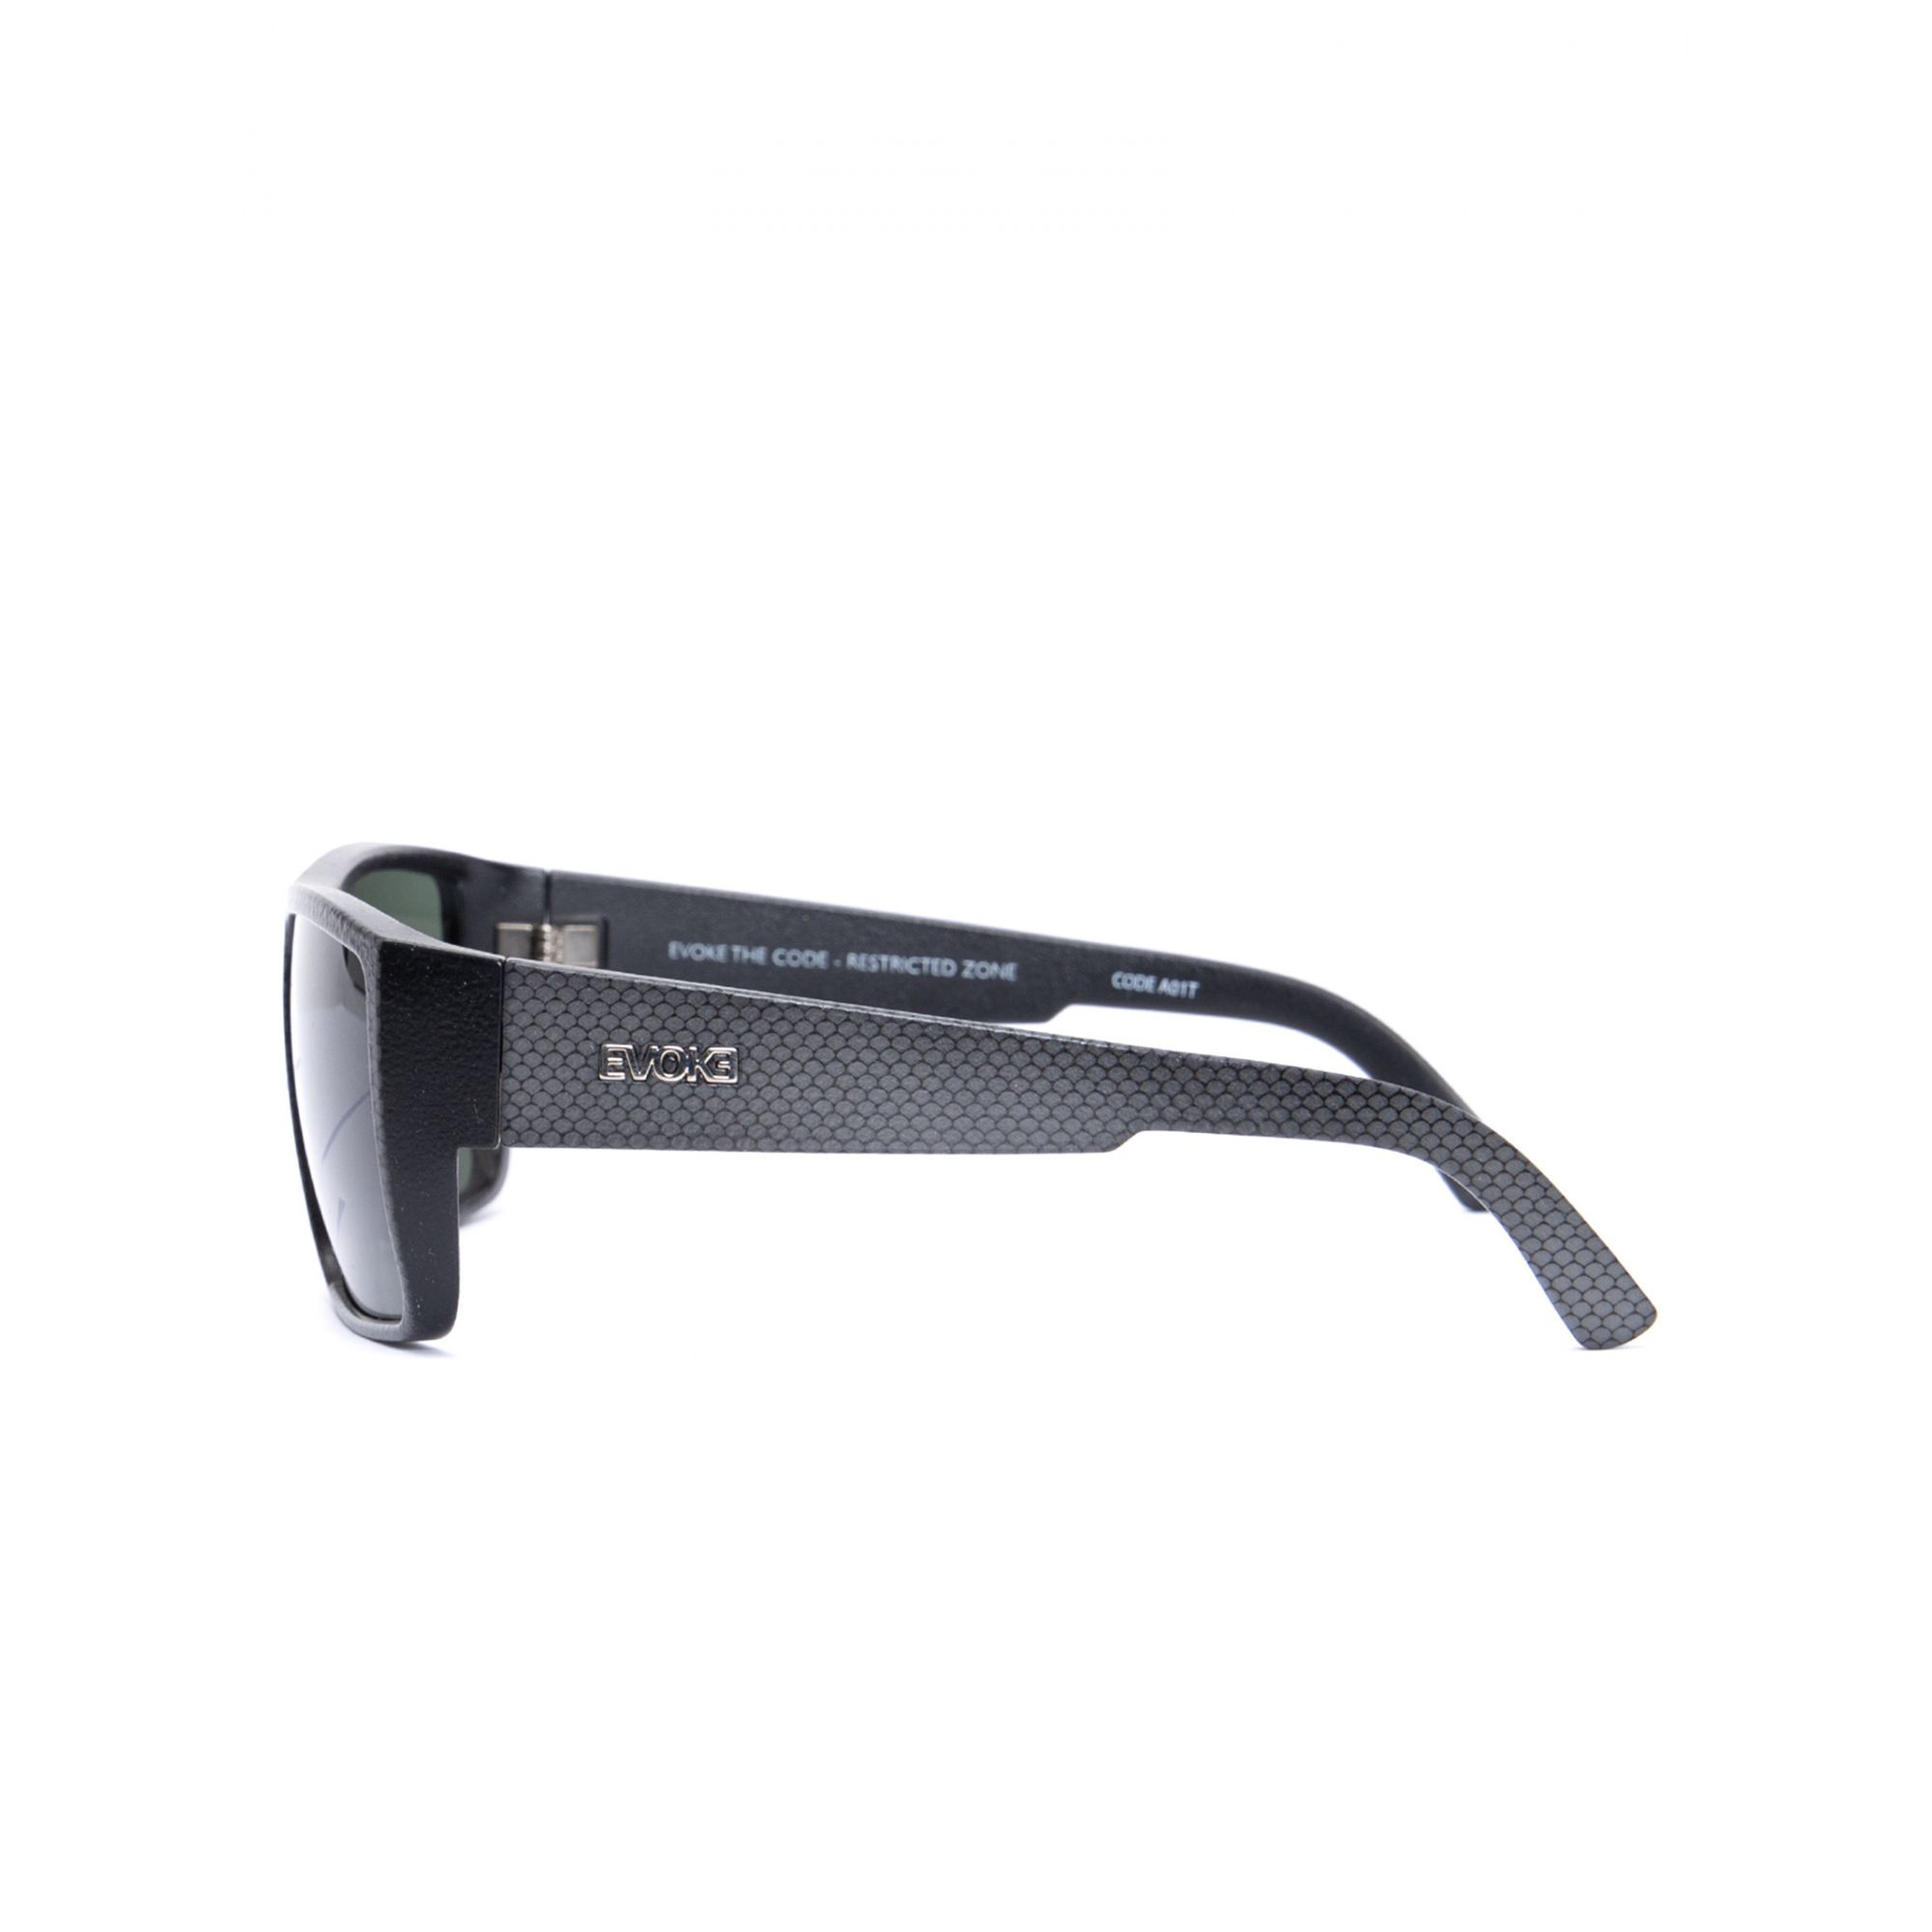 Óculos de Sol Masculino Evoke The Code a01t Preto